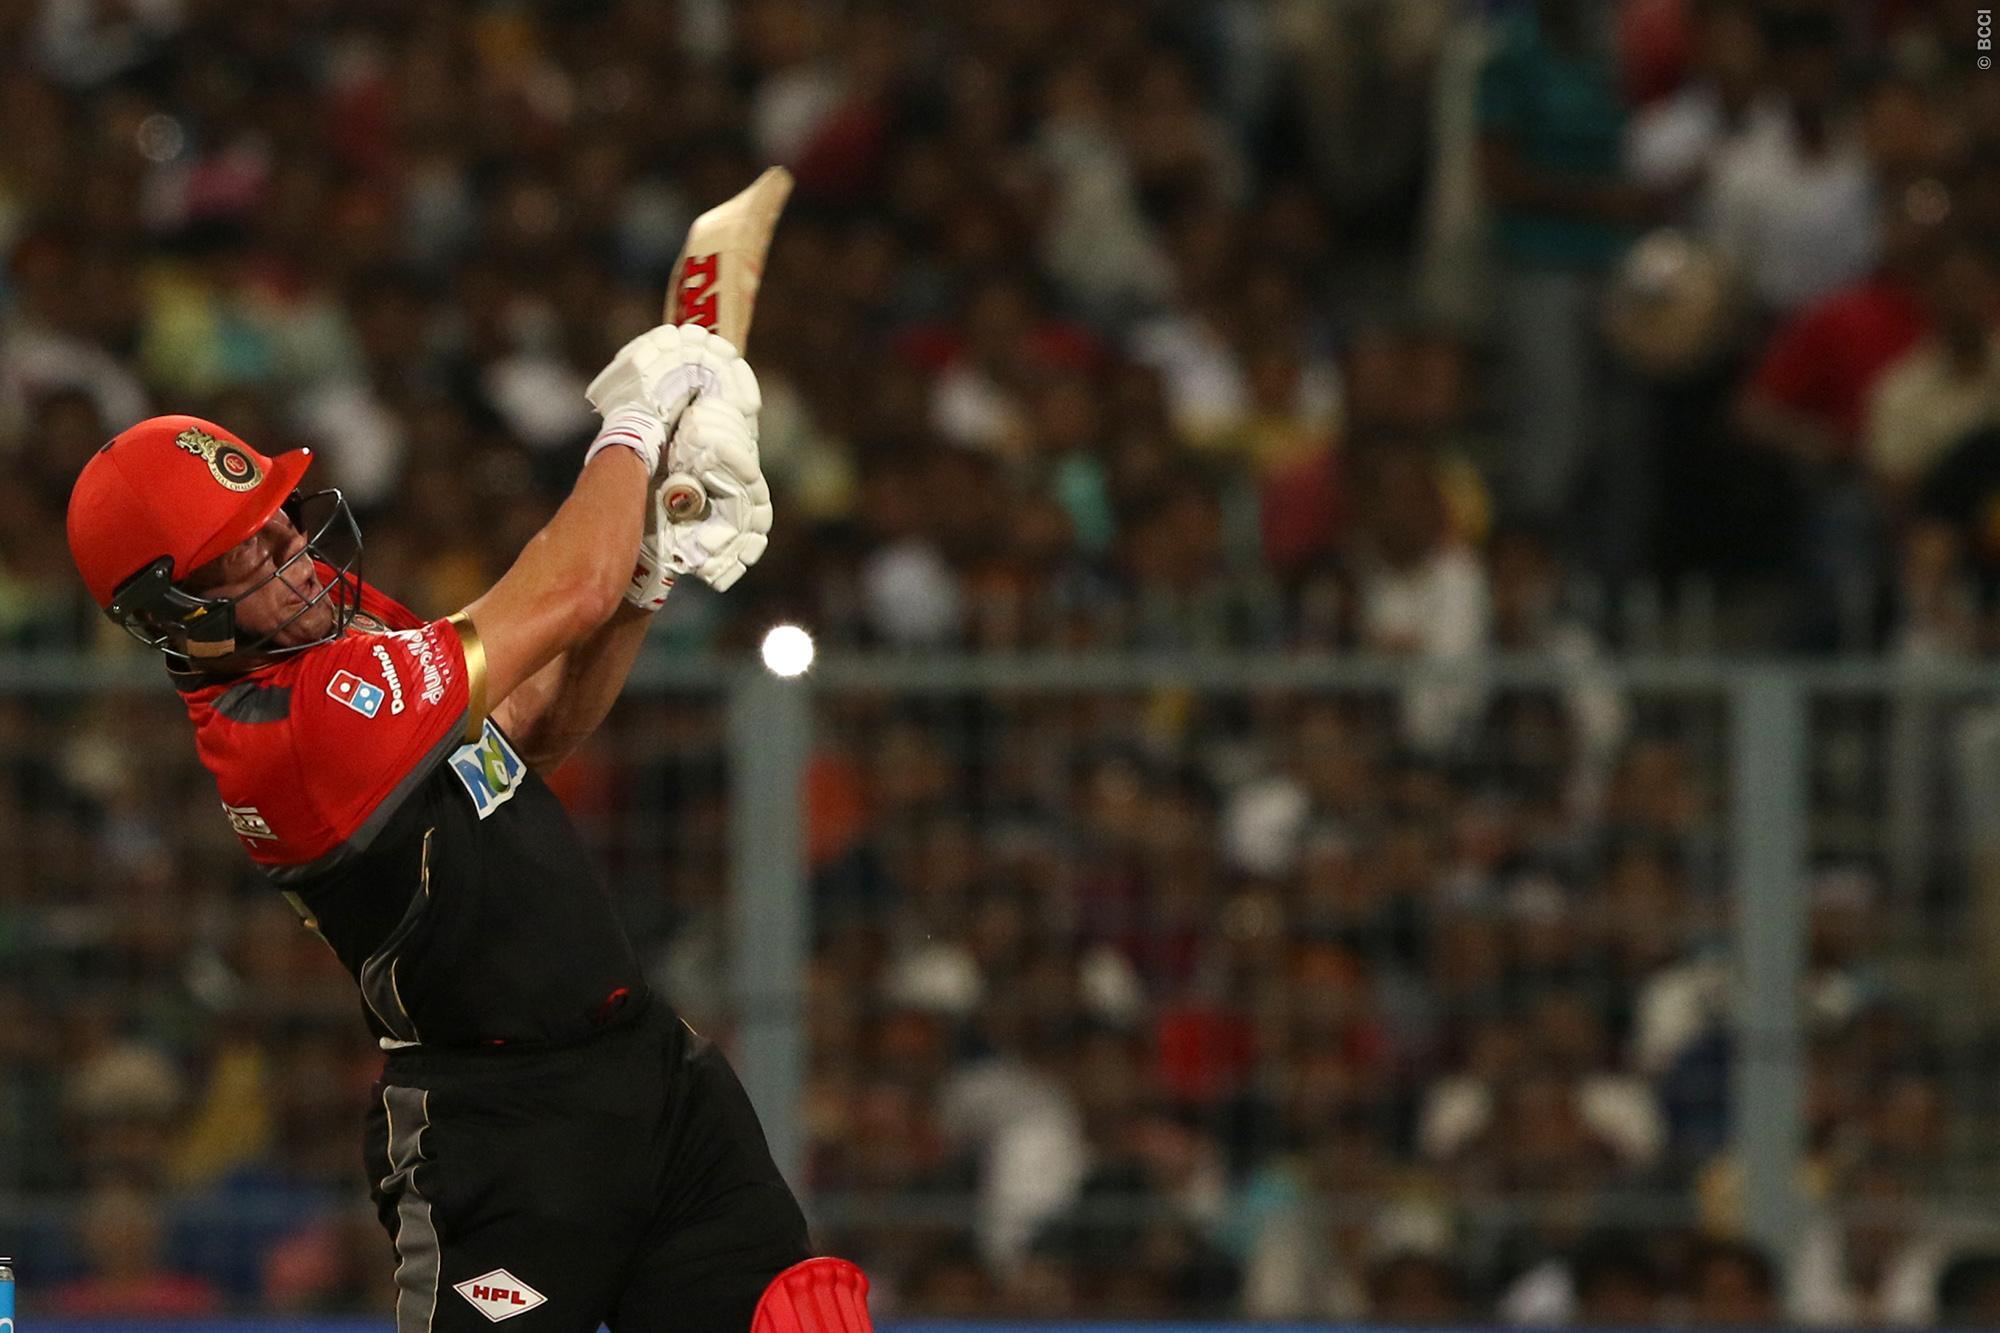 KKRvsRCB: बैंगलोर को 4 विकेट से हरा कोलकाता ने दर्ज किया पहली जीत, मायूस हुए विराट 3